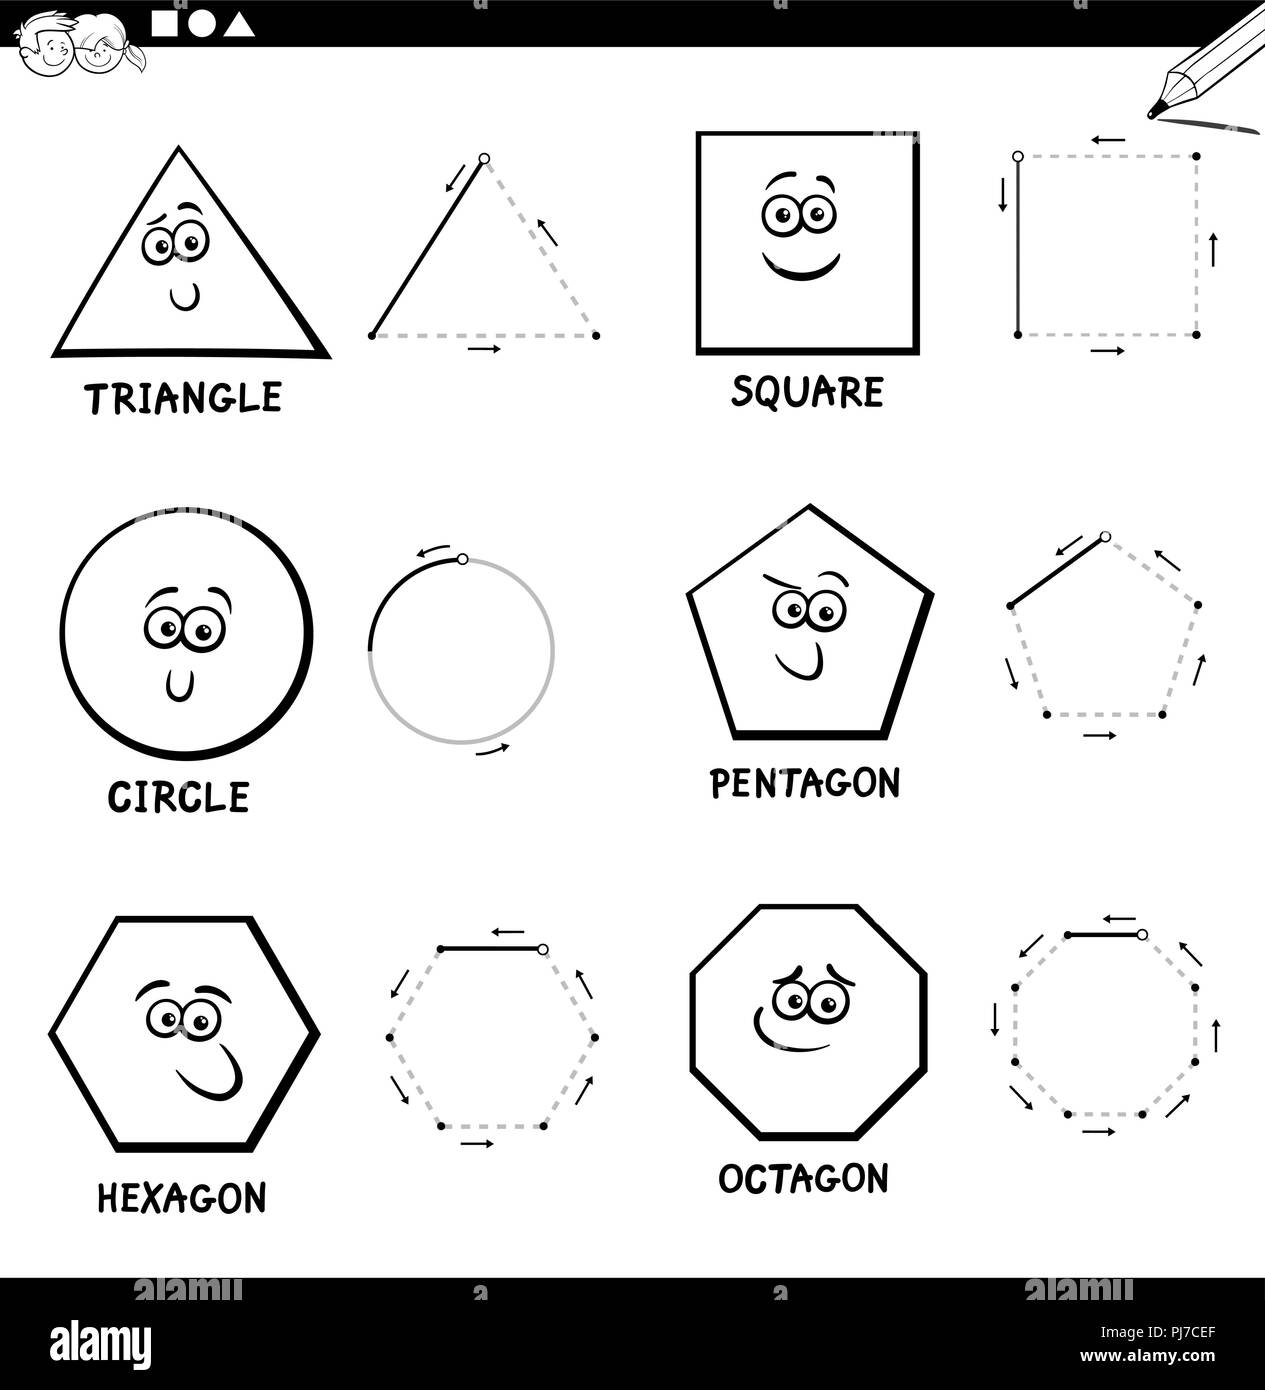 En Blanco Y Negro De Dibujos Animados Educativos Ilustración De